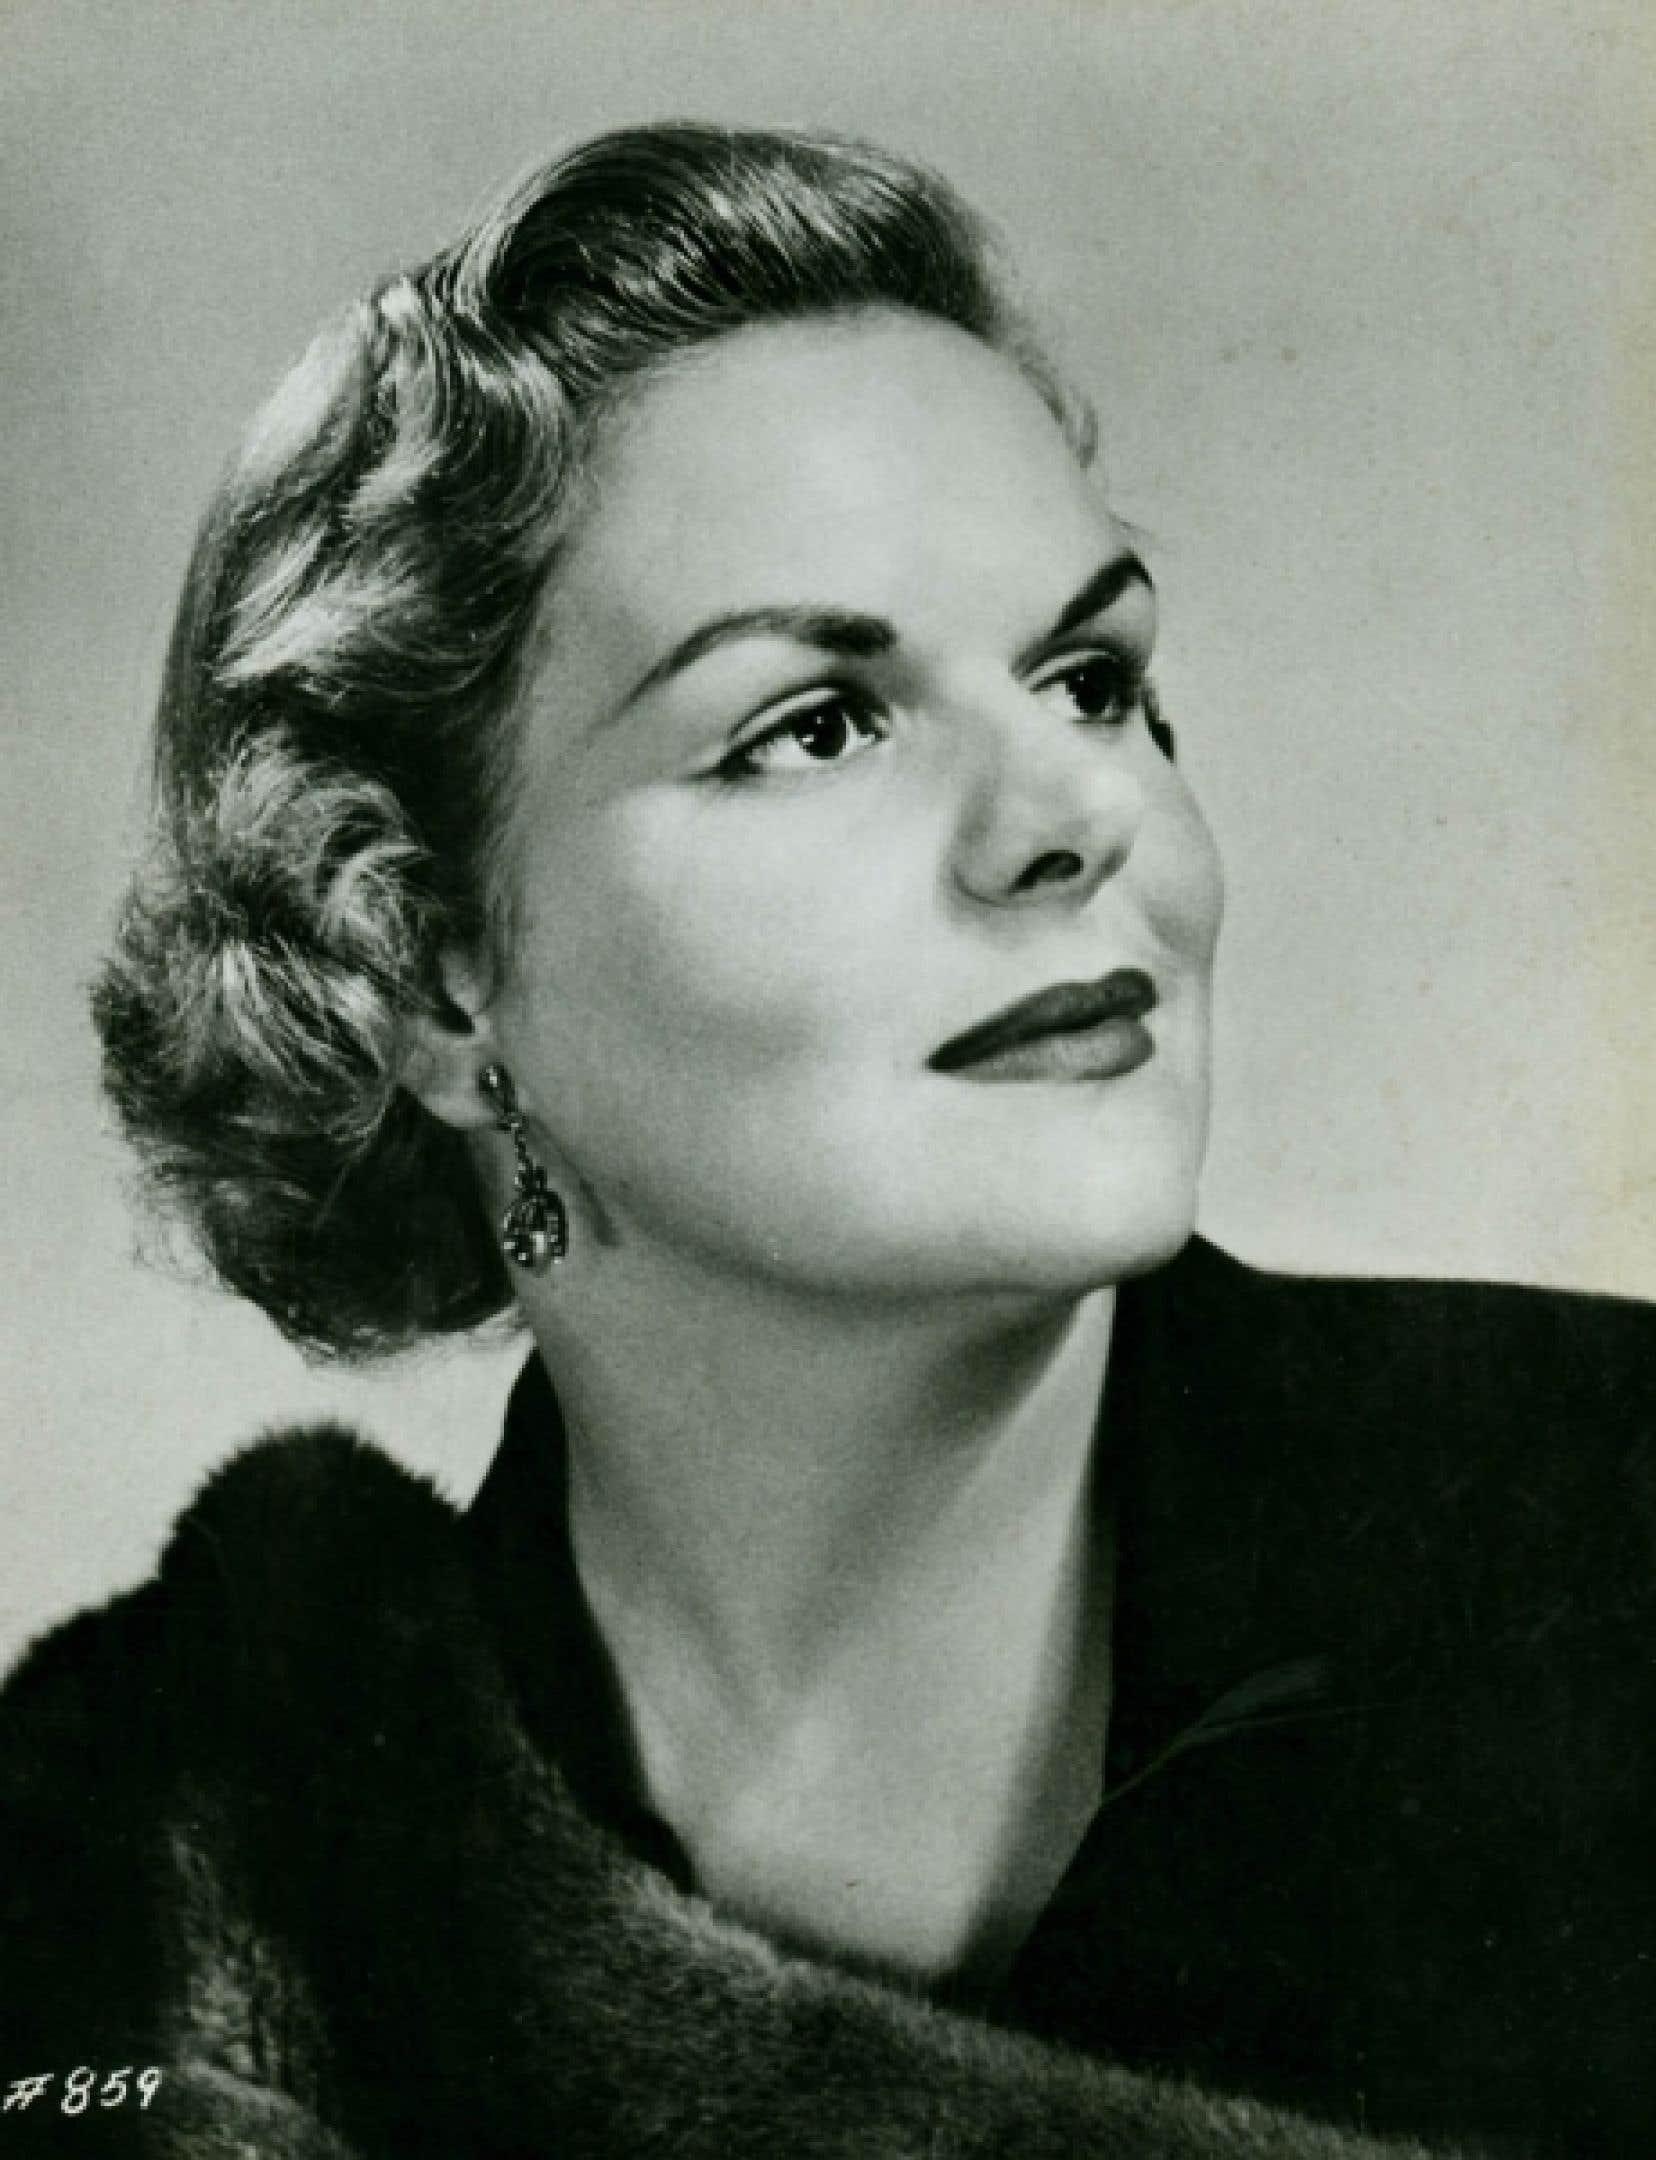 Née à Montréal en 1930, Maureen Forrester rencontre Bruno Walter en 1956, à l'occasion de son récital au New York Town Hall, ce qui l'amène au Carnegie Hall l'année suivante comme soliste dans la 2e Symphonie de Mahler, avec l'Orchestre philharmonique de New York. Photo officielle prise à l'occasion de ses débuts comme chanteuse d'opéra.